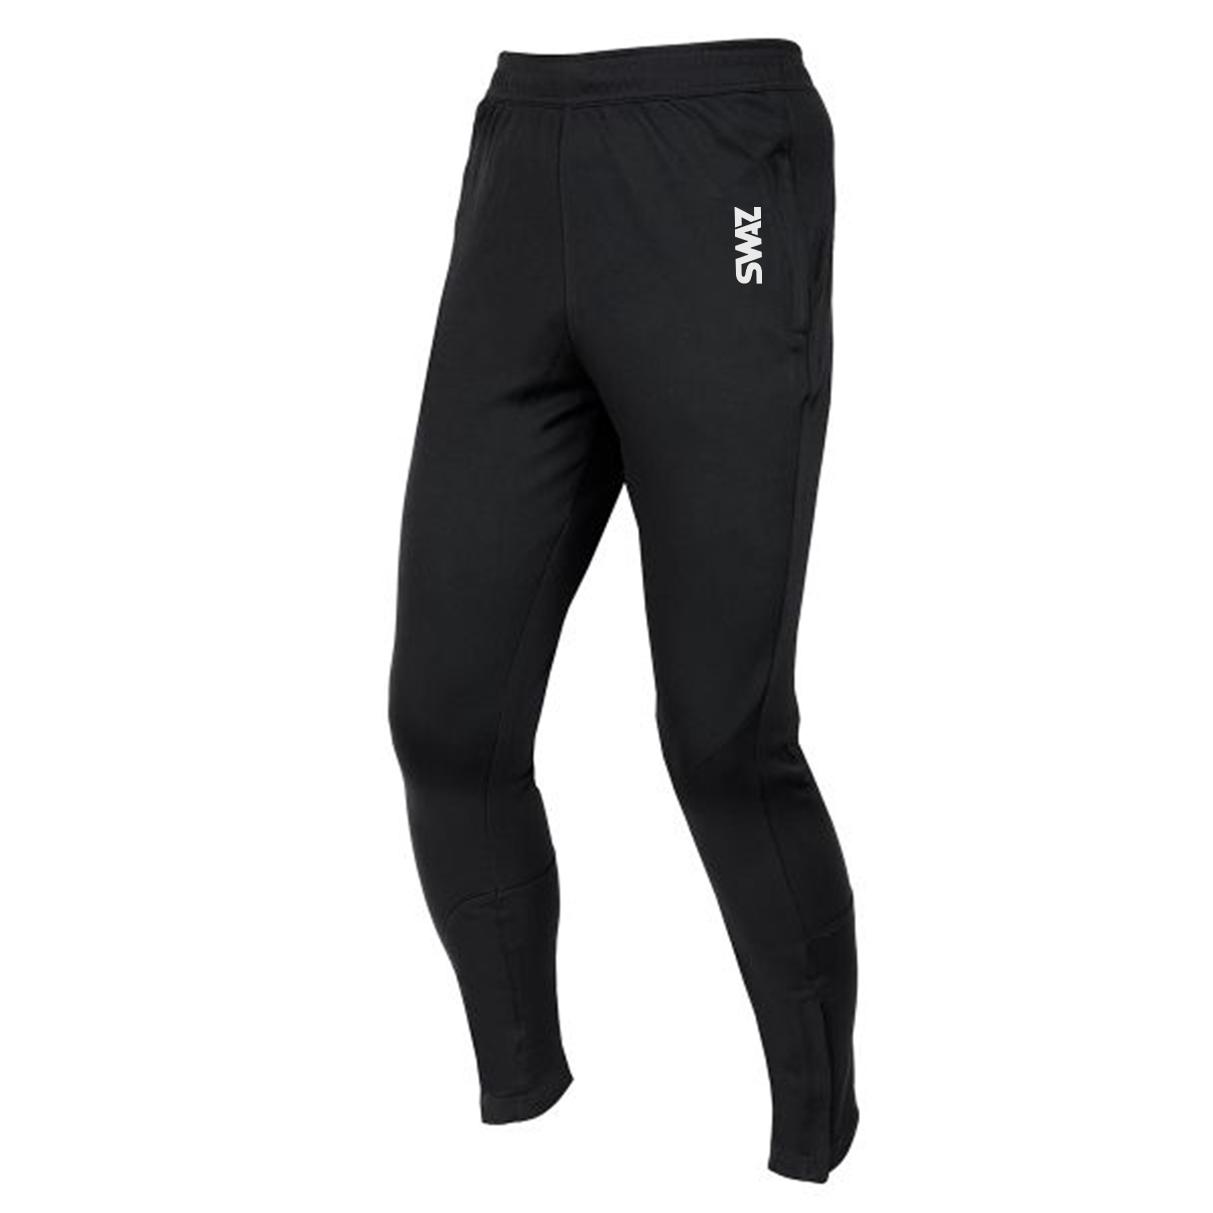 SWAZ Skinny Pants – Black